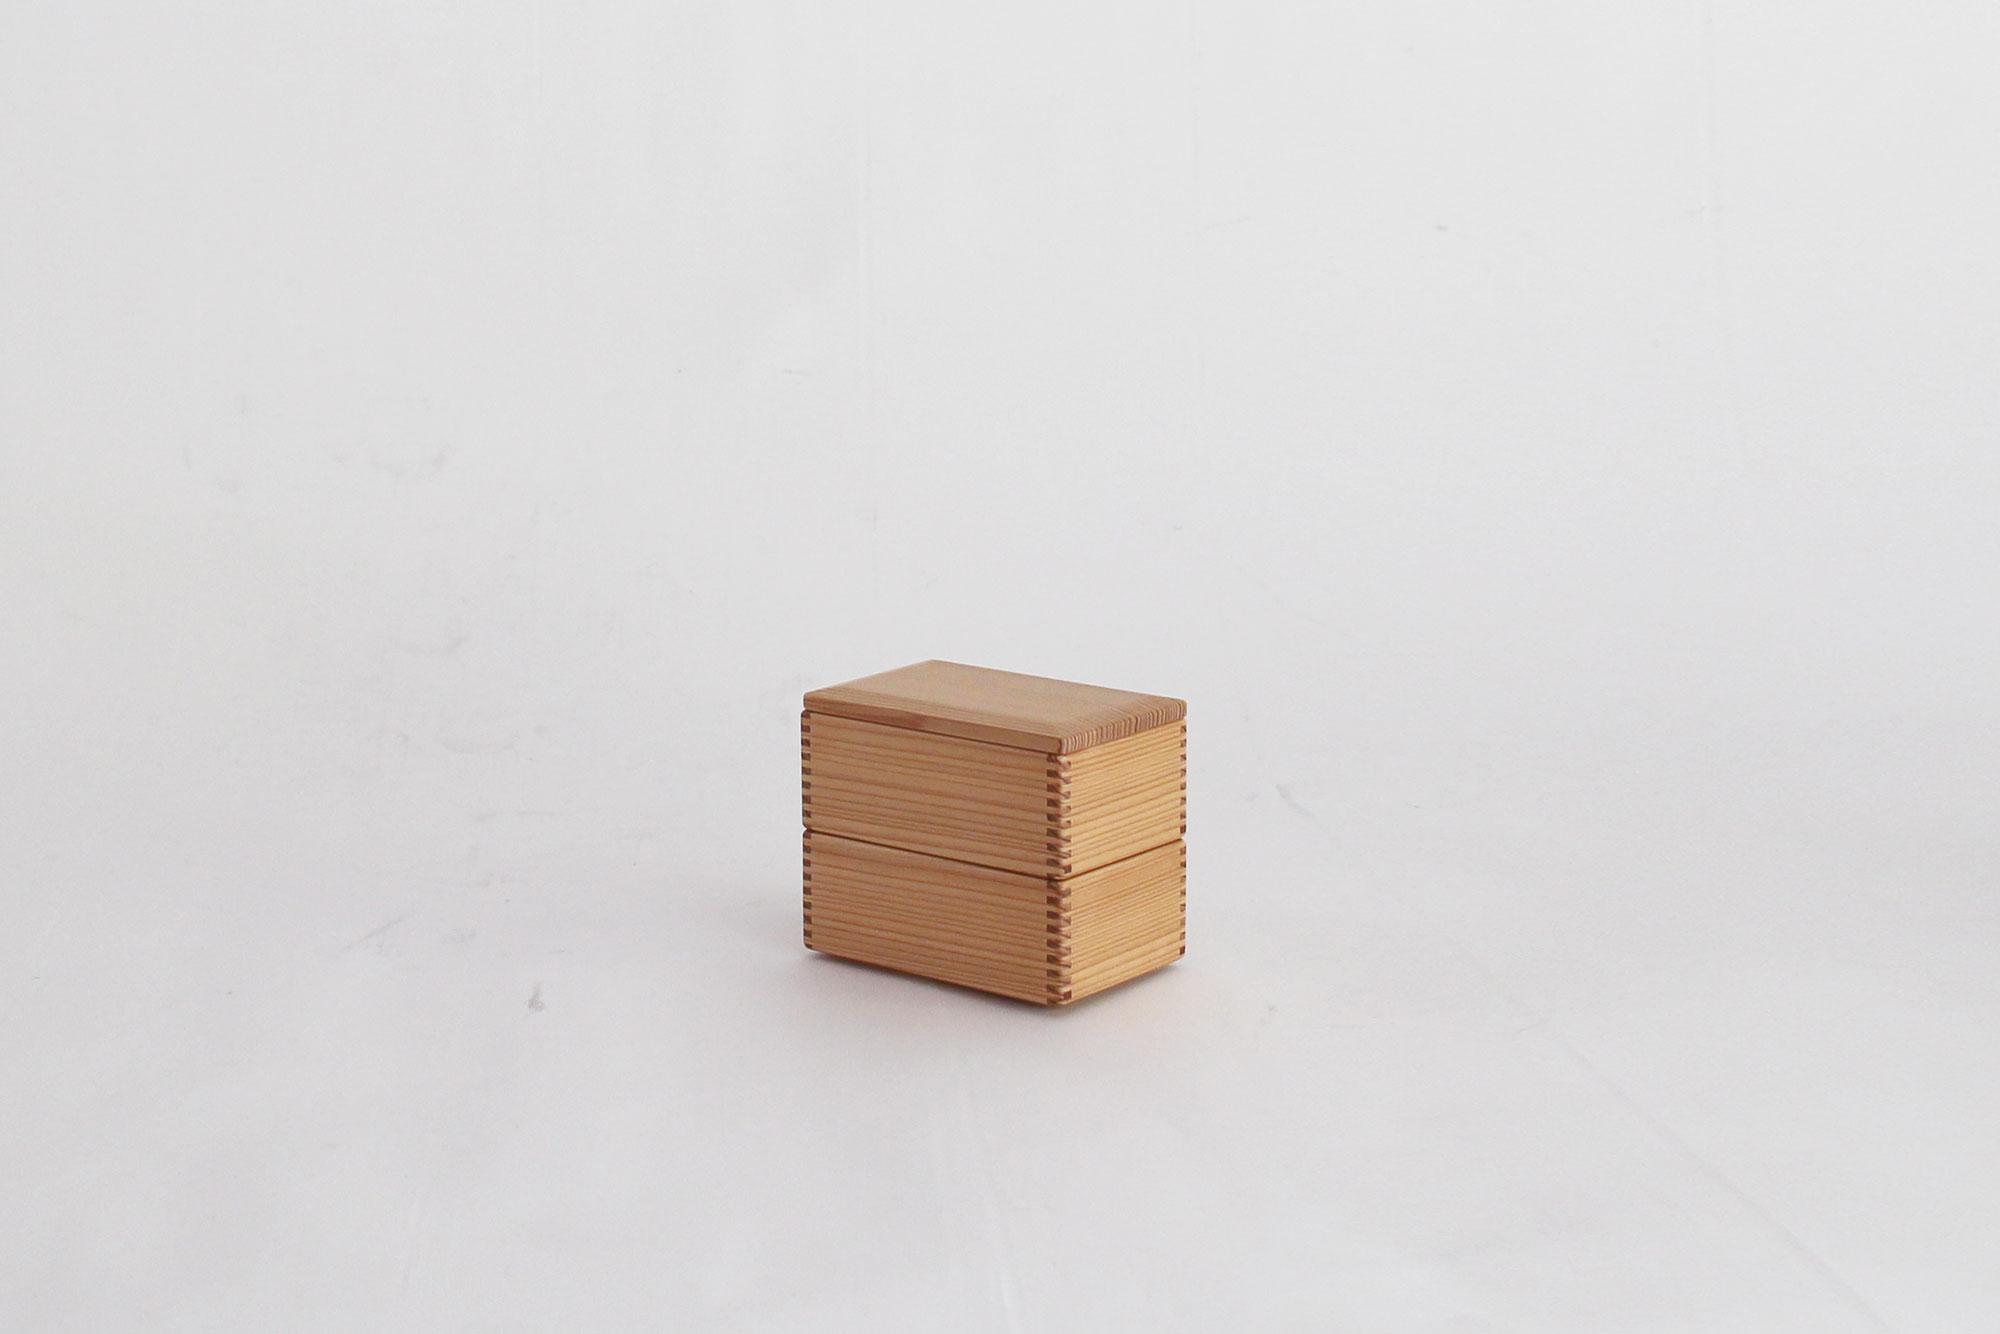 黒木クラフト工房 二段弁当箱(13×8.5cm)